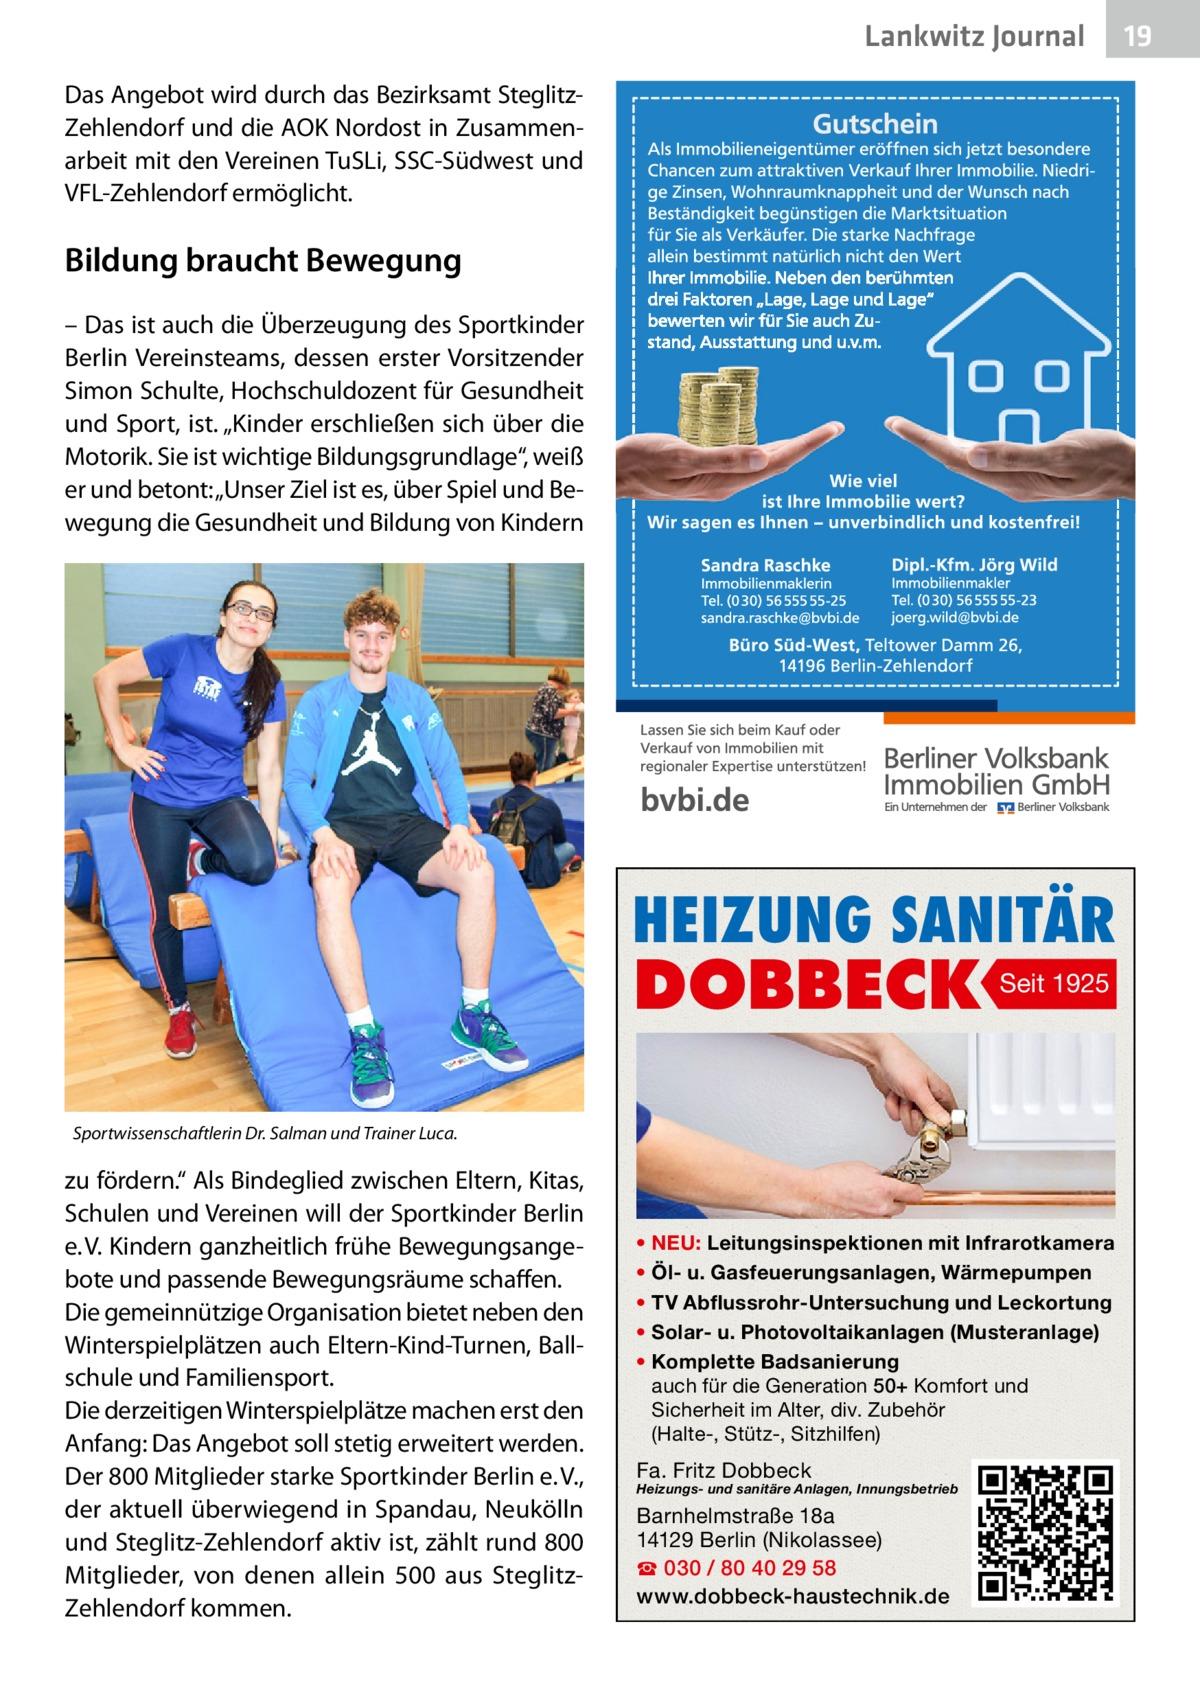 """Lankwitz Journal Das Angebot wird durch das Bezirksamt SteglitzZehlendorf und die AOK Nordost in Zusammenarbeit mit den Vereinen TuSLi, SSC-Südwest und VFL-Zehlendorf ermöglicht.  Bildung braucht Bewegung – Das ist auch die Überzeugung des Sportkinder Berlin Vereinsteams, dessen erster Vorsitzender Simon Schulte, Hochschuldozent für Gesundheit und Sport, ist. """"Kinder erschließen sich über die Motorik. Sie ist wichtige Bildungsgrundlage"""", weiß er und betont: """"Unser Ziel ist es, über Spiel und Bewegung die Gesundheit und Bildung von Kindern  HEIZUNG SANITÄR  DOBBECK  Seit 1925  Sportwissenschaftlerin Dr.Salman und Trainer Luca.  zu fördern."""" Als Bindeglied zwischen Eltern, Kitas, Schulen und Vereinen will der Sportkinder Berlin e.V. Kindern ganzheitlich frühe Bewegungsangebote und passende Bewegungsräume schaffen. Die gemeinnützige Organisation bietet neben den Winterspielplätzen auch Eltern-Kind-Turnen, Ballschule und Familiensport. Die derzeitigen Winterspielplätze machen erst den Anfang: Das Angebot soll stetig erweitert werden. Der 800Mitglieder starke Sportkinder Berlin e.V., der aktuell überwiegend in Spandau, Neukölln und Steglitz-Zehlendorf aktiv ist, zählt rund 800 Mitglieder, von denen allein 500 aus SteglitzZehlendorf kommen.  • NEU: Leitungsinspektionen mit Infrarotkamera • Öl- u. Gasfeuerungsanlagen, Wärmepumpen • TV Abflussrohr-Untersuchung und Leckortung • Solar- u. Photovoltaikanlagen (Musteranlage) • Komplette Badsanierung auch für die Generation 50+ Komfort und Sicherheit im Alter, div. Zubehör (Halte-, Stütz-, Sitzhilfen)  Fa. Fritz Dobbeck  Heizungs- und sanitäre Anlagen, Innungsbetrieb  Barnhelmstraße 18a 14129 Berlin (Nikolassee) ☎ 030 / 80 40 29 58 www.dobbeck-haustechnik.de  19"""